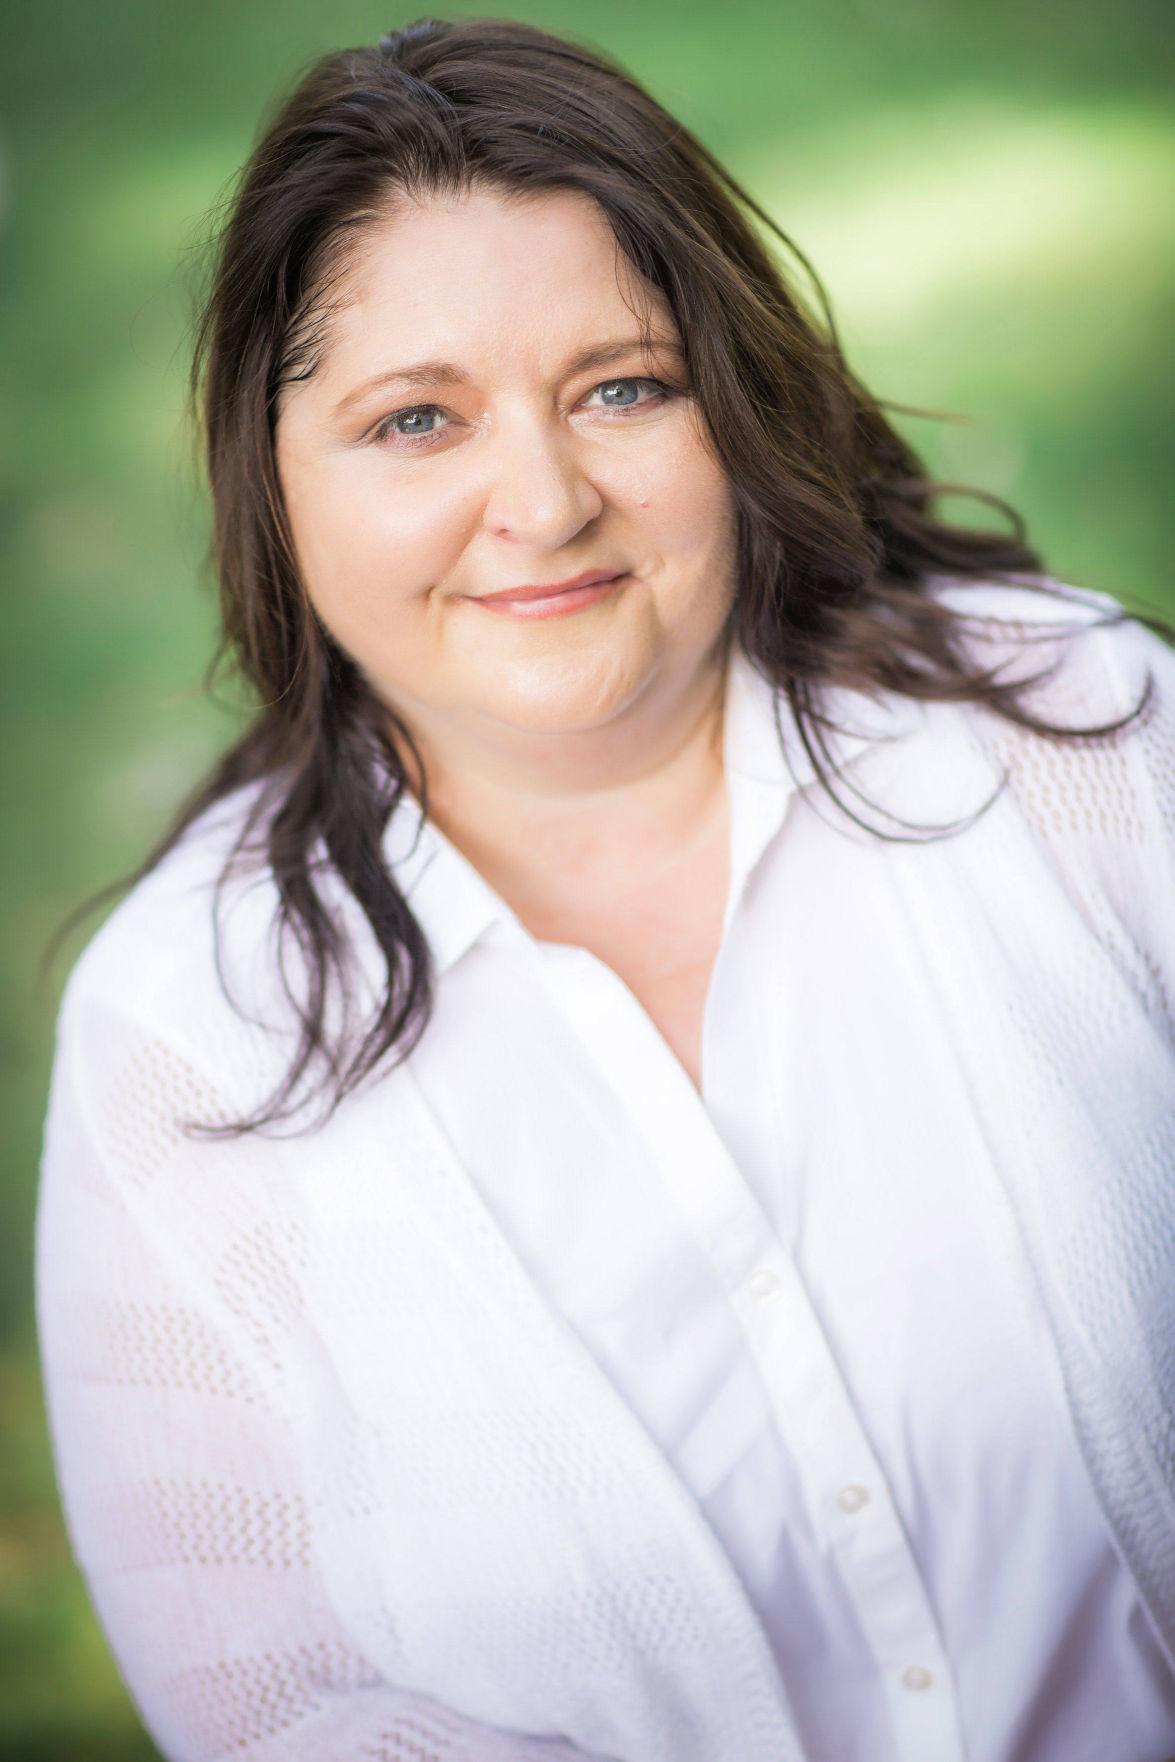 Amy Waters Yarsinske